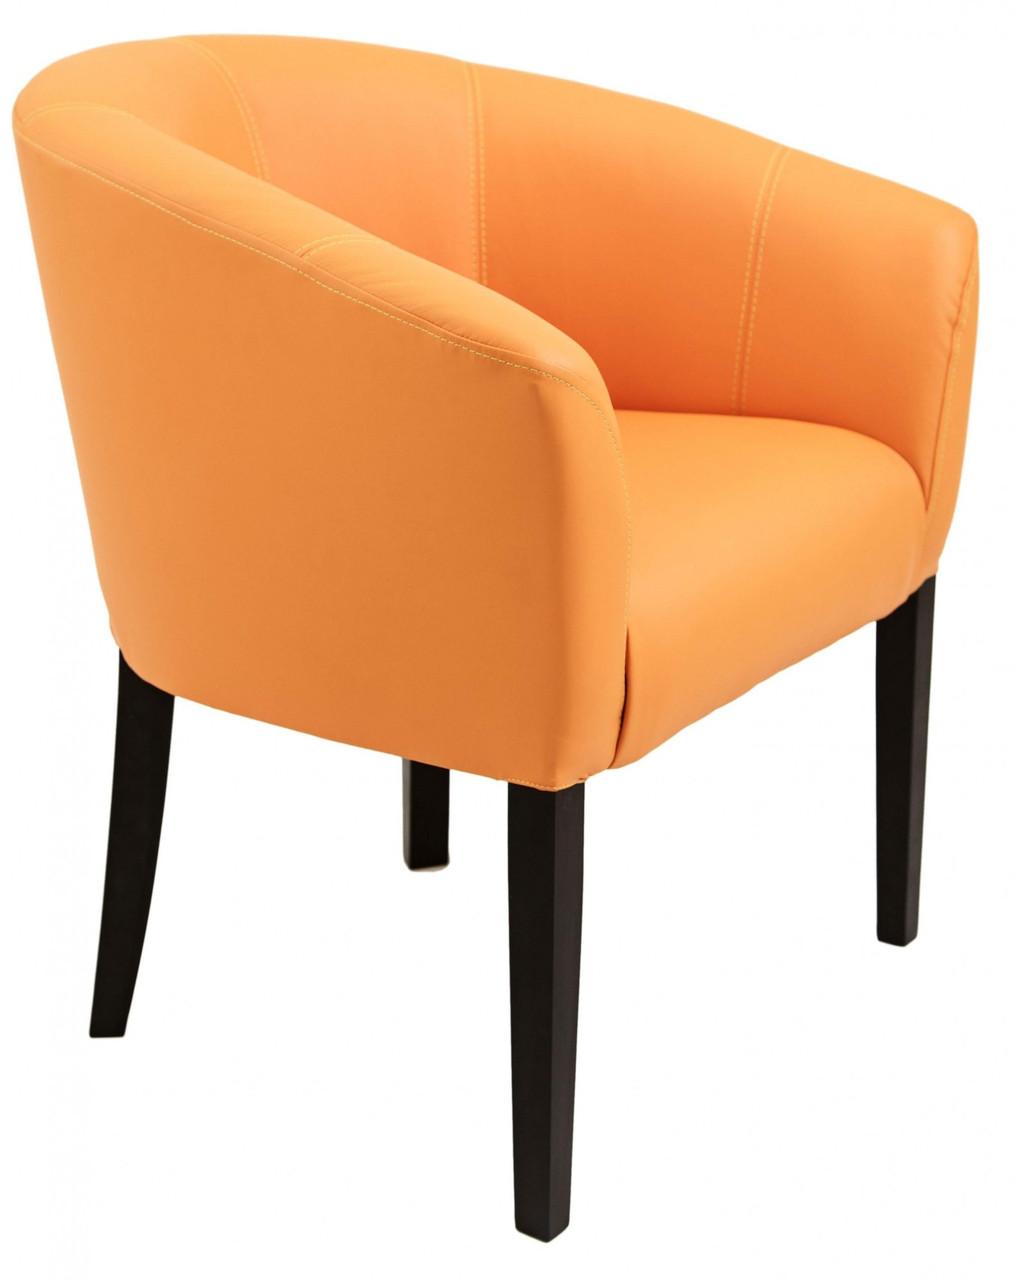 Кресло Richman Версаль 65 x 65 x 75H Флай 2218 Оранжевое